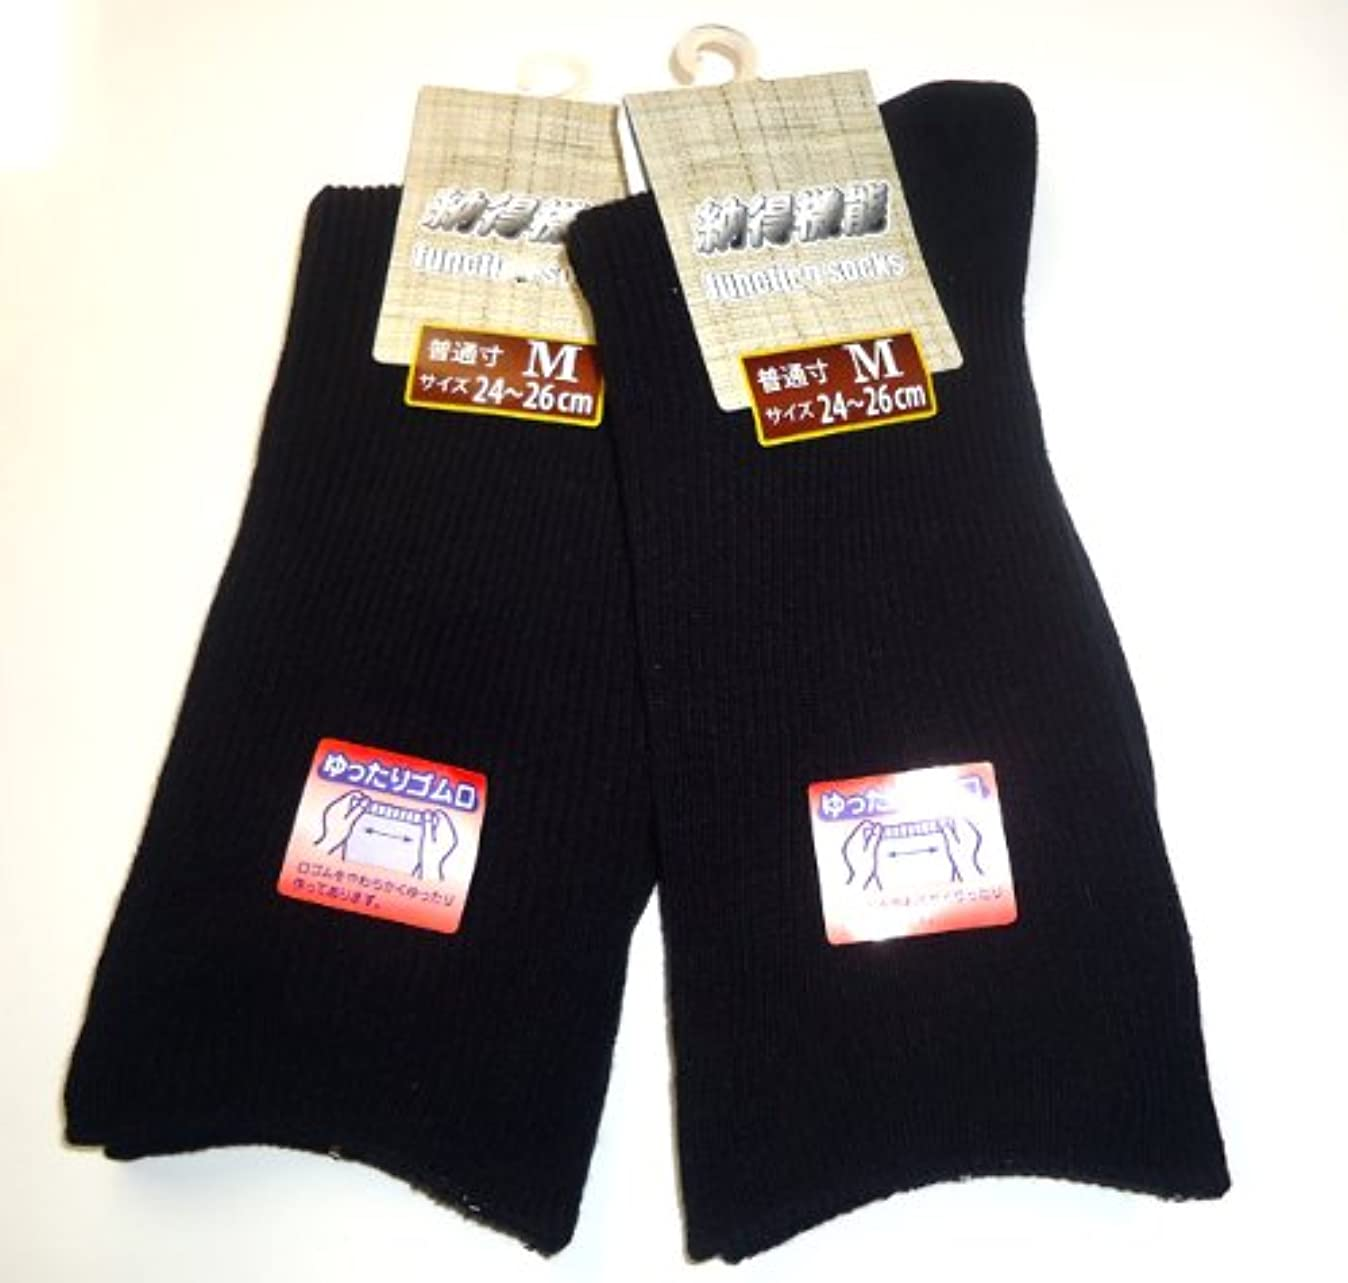 養う欺ベギン日本製 靴下 メンズ 口ゴムなし ゆったり靴下 24-26cm 2足組 (紺色)